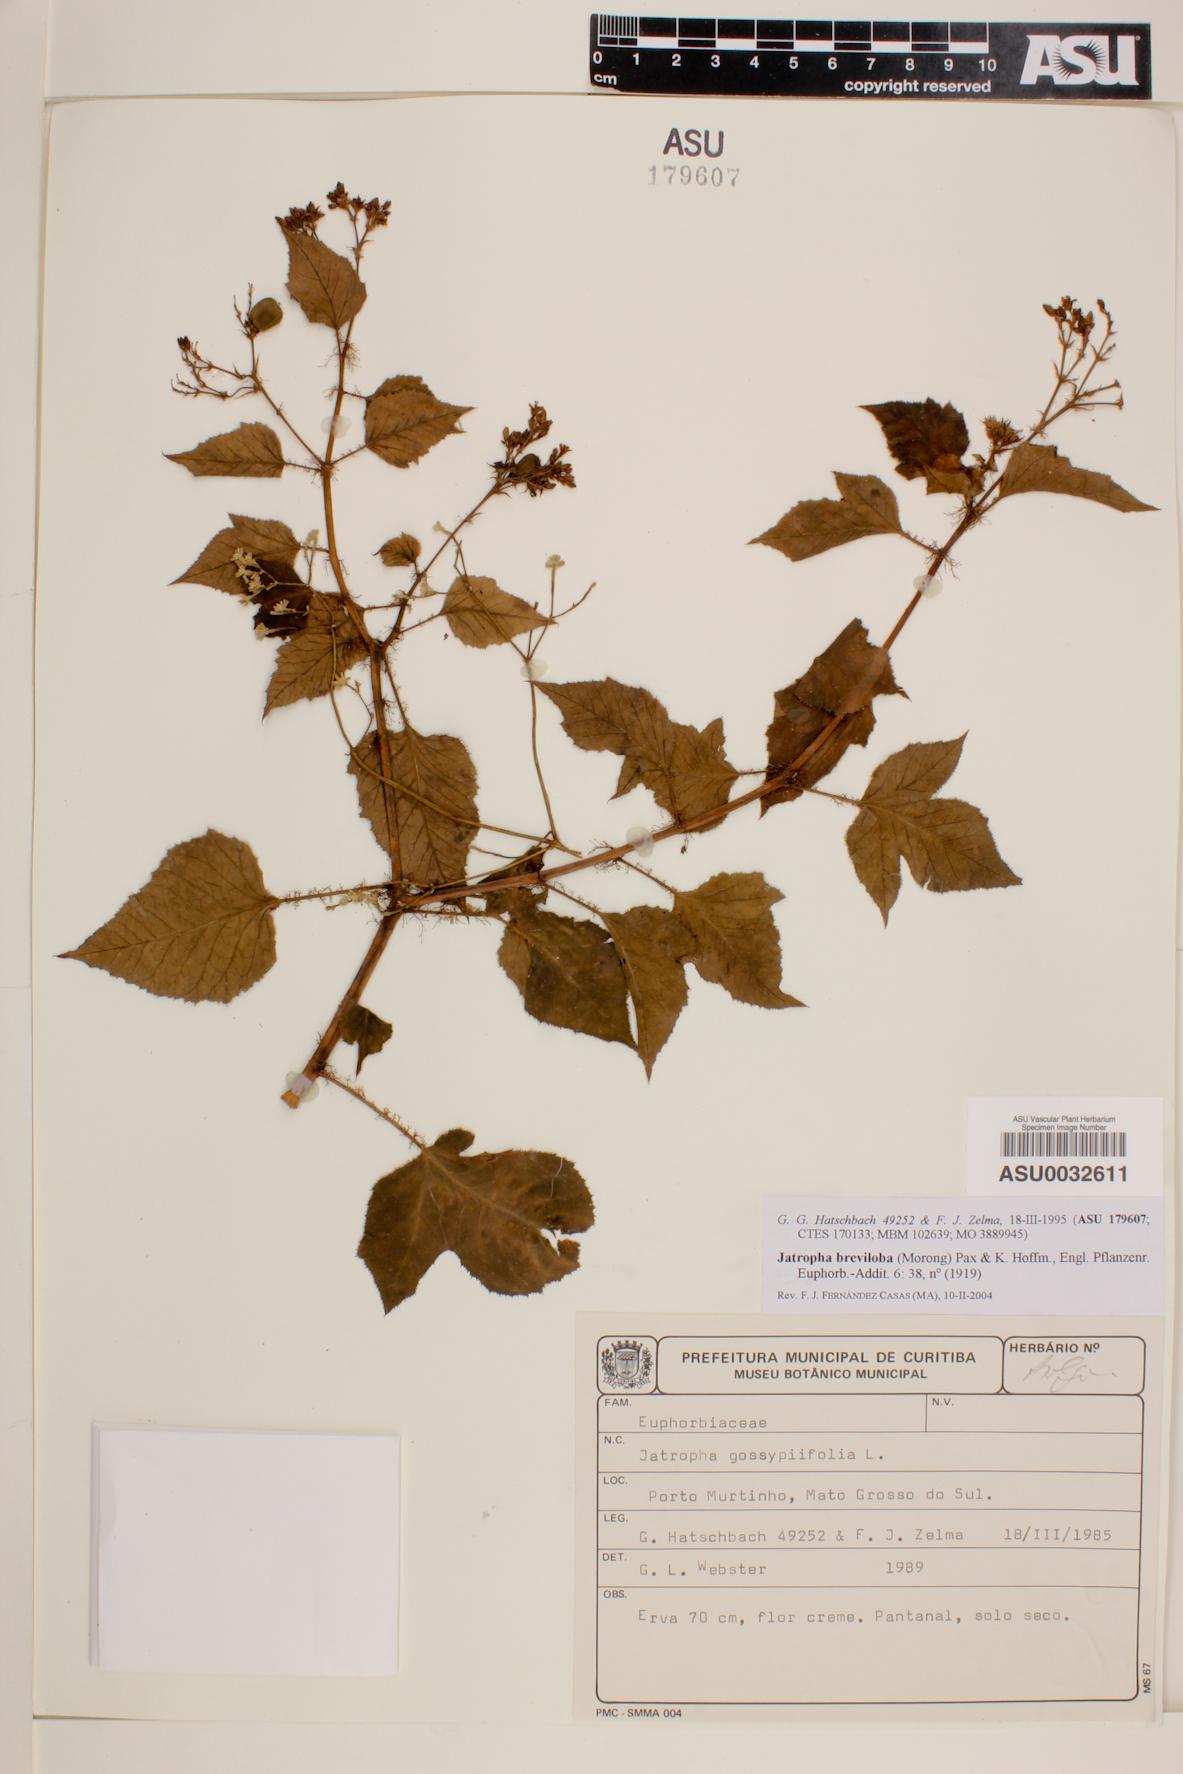 Jatropha breviloba image